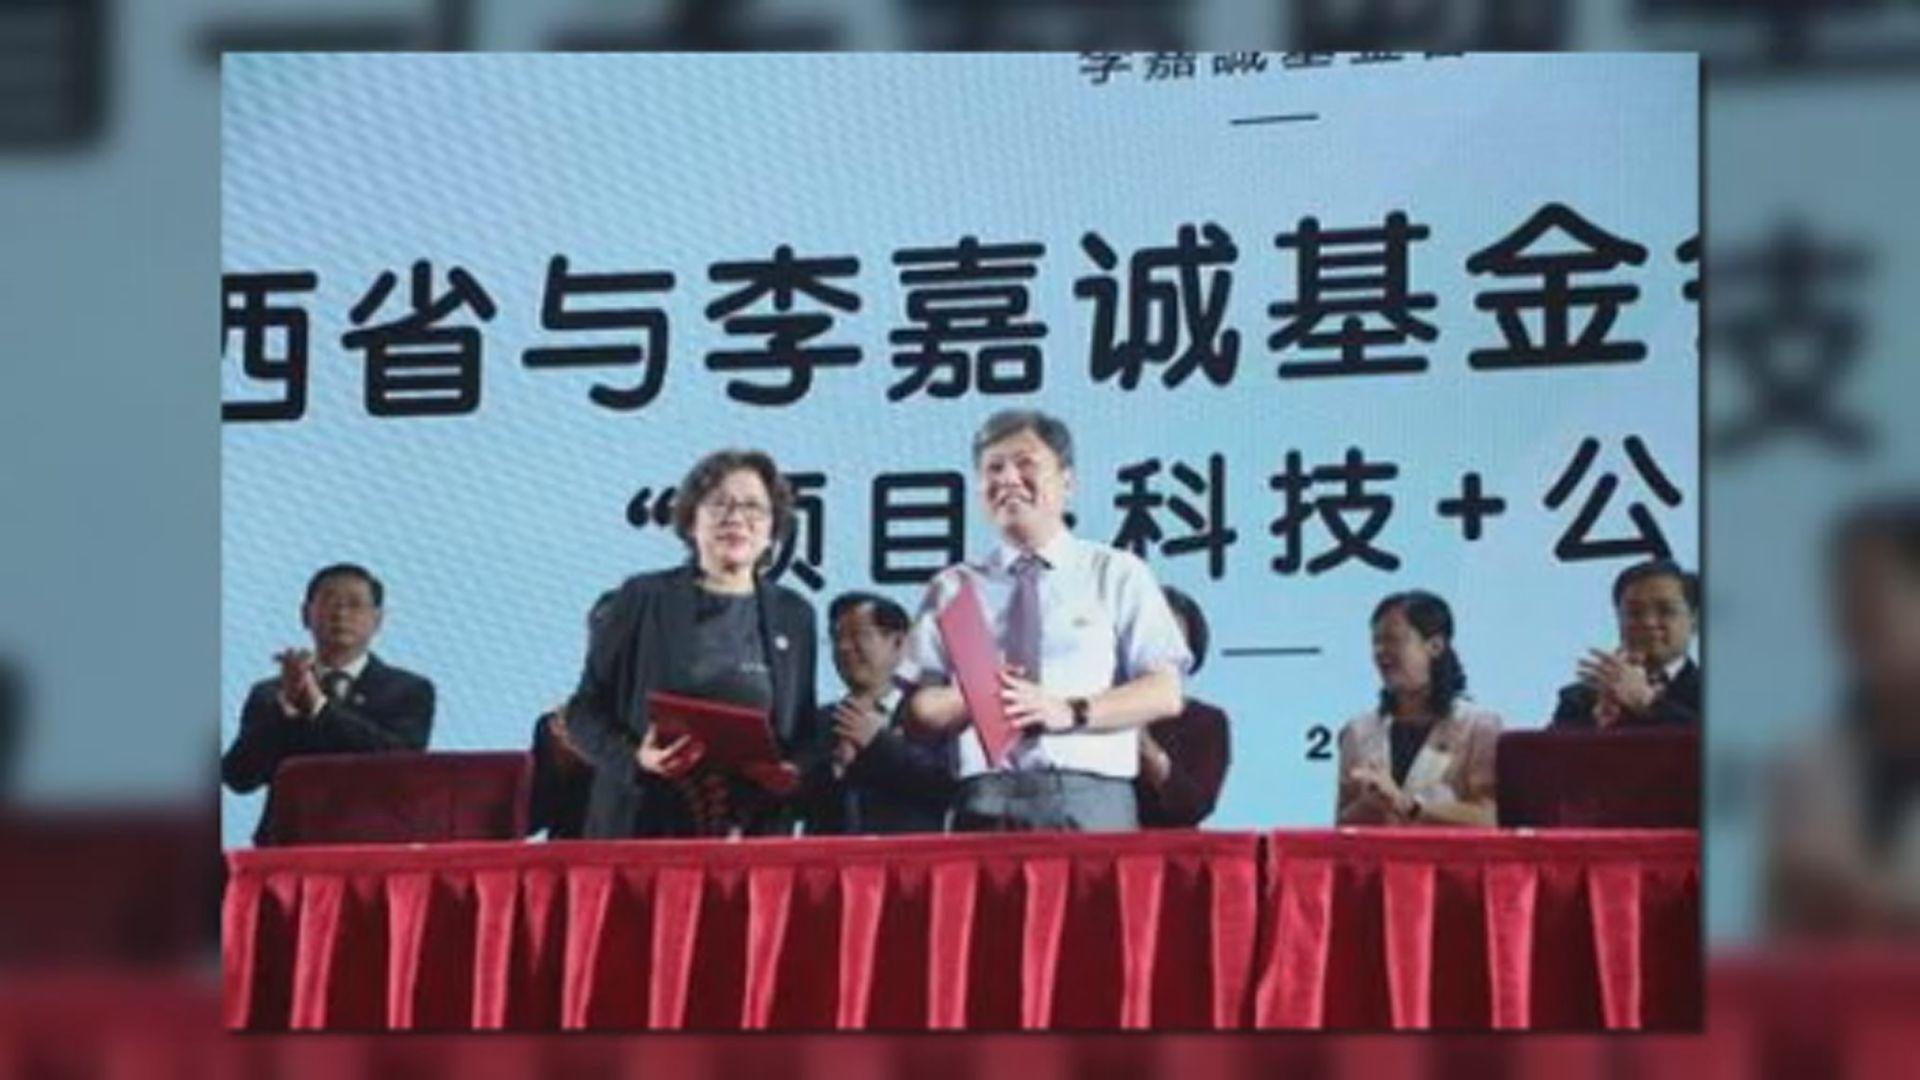 李嘉誠基金會江西推動教育科研產業鏈